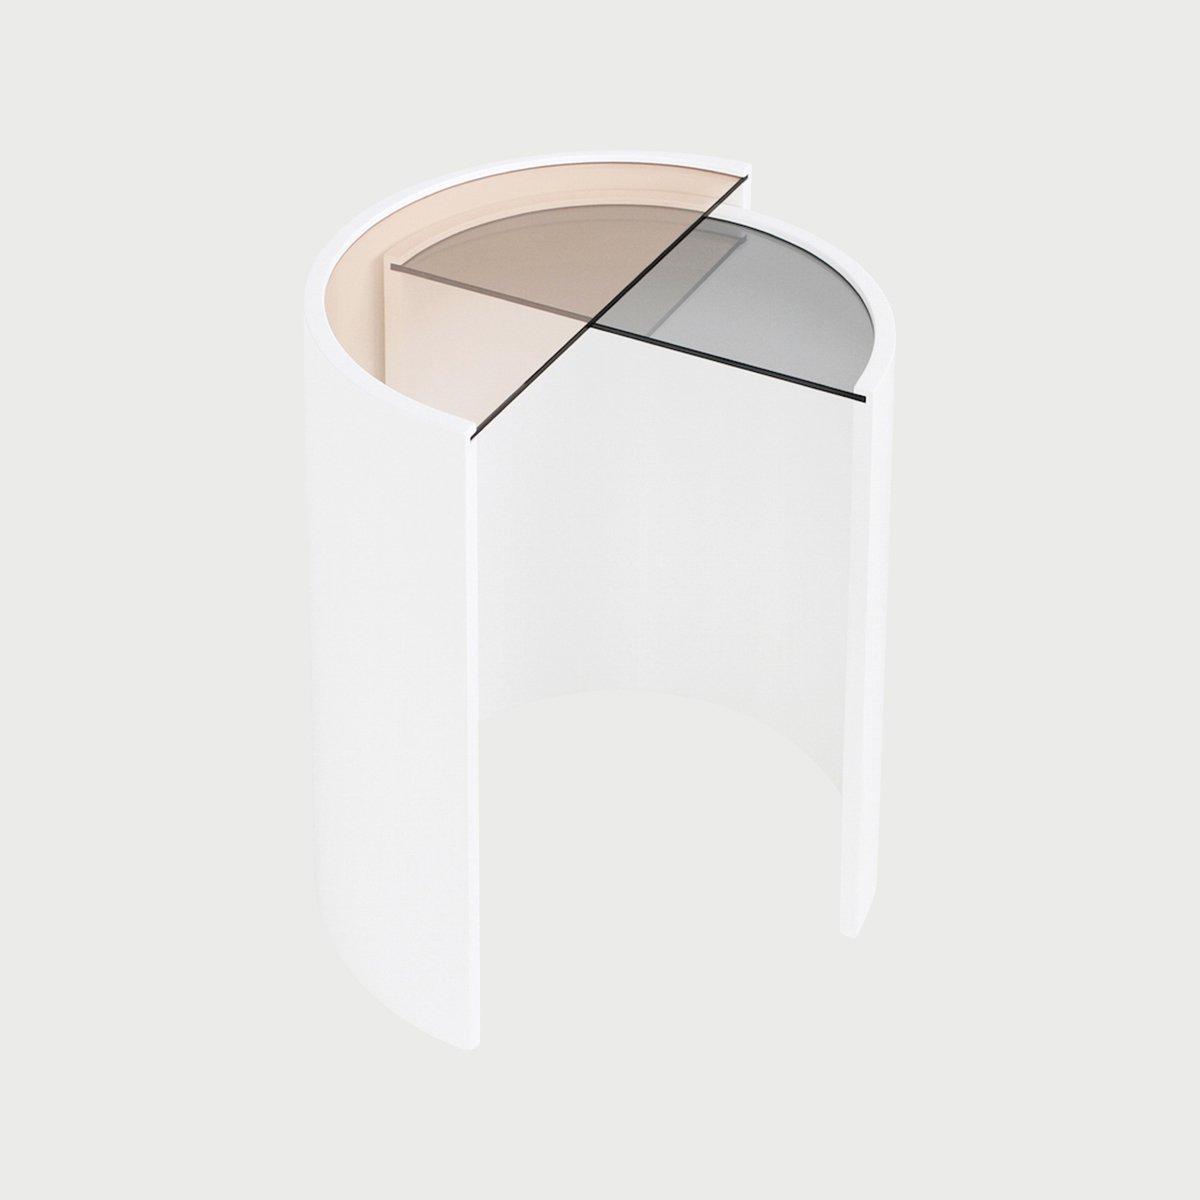 Contour Side Tables